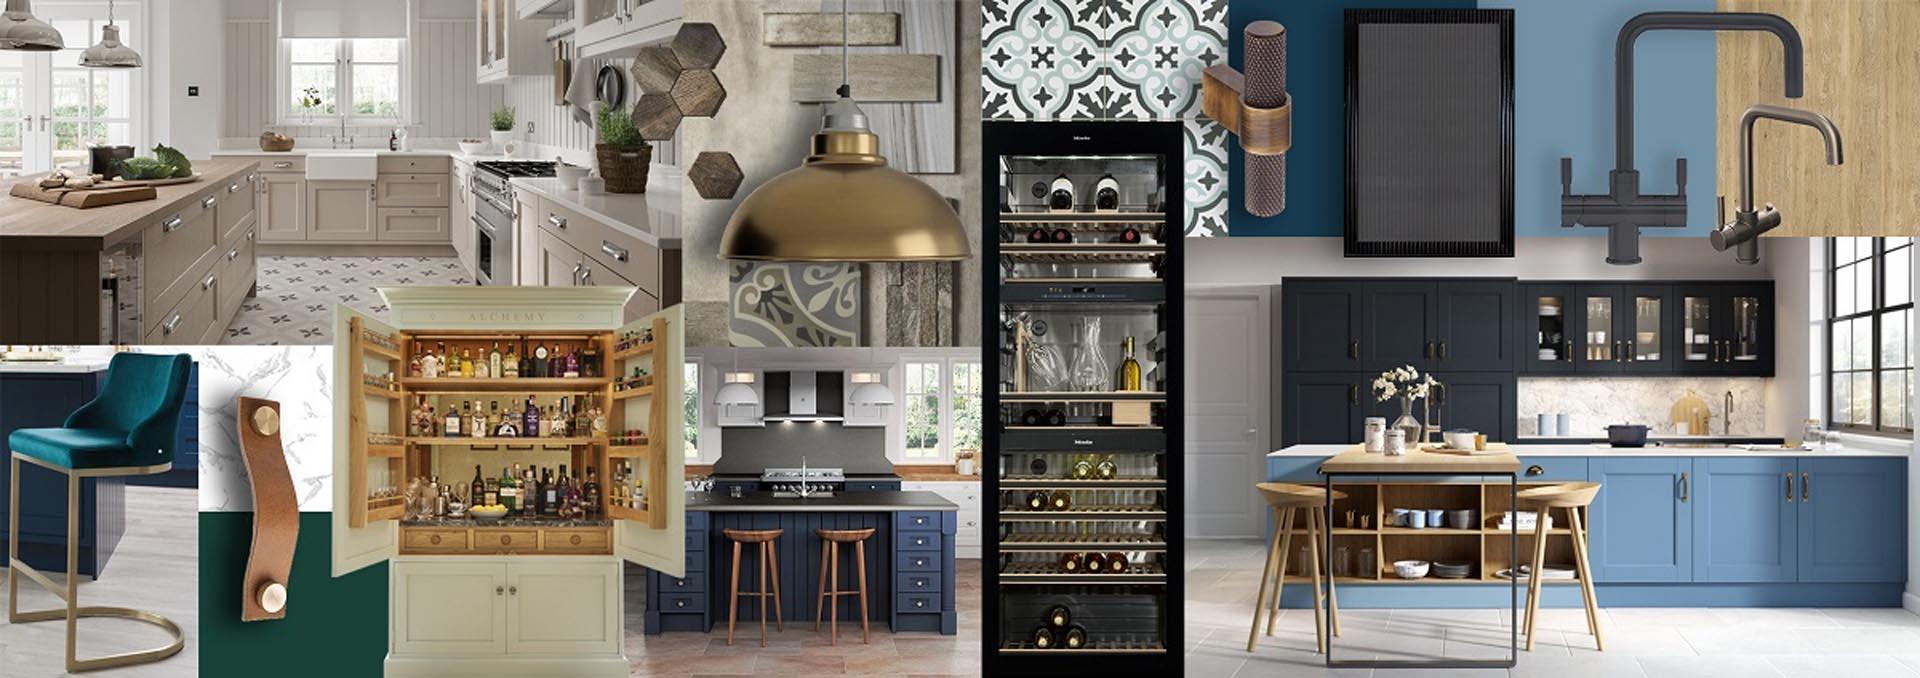 Summer Kitchen Trends Kitchens